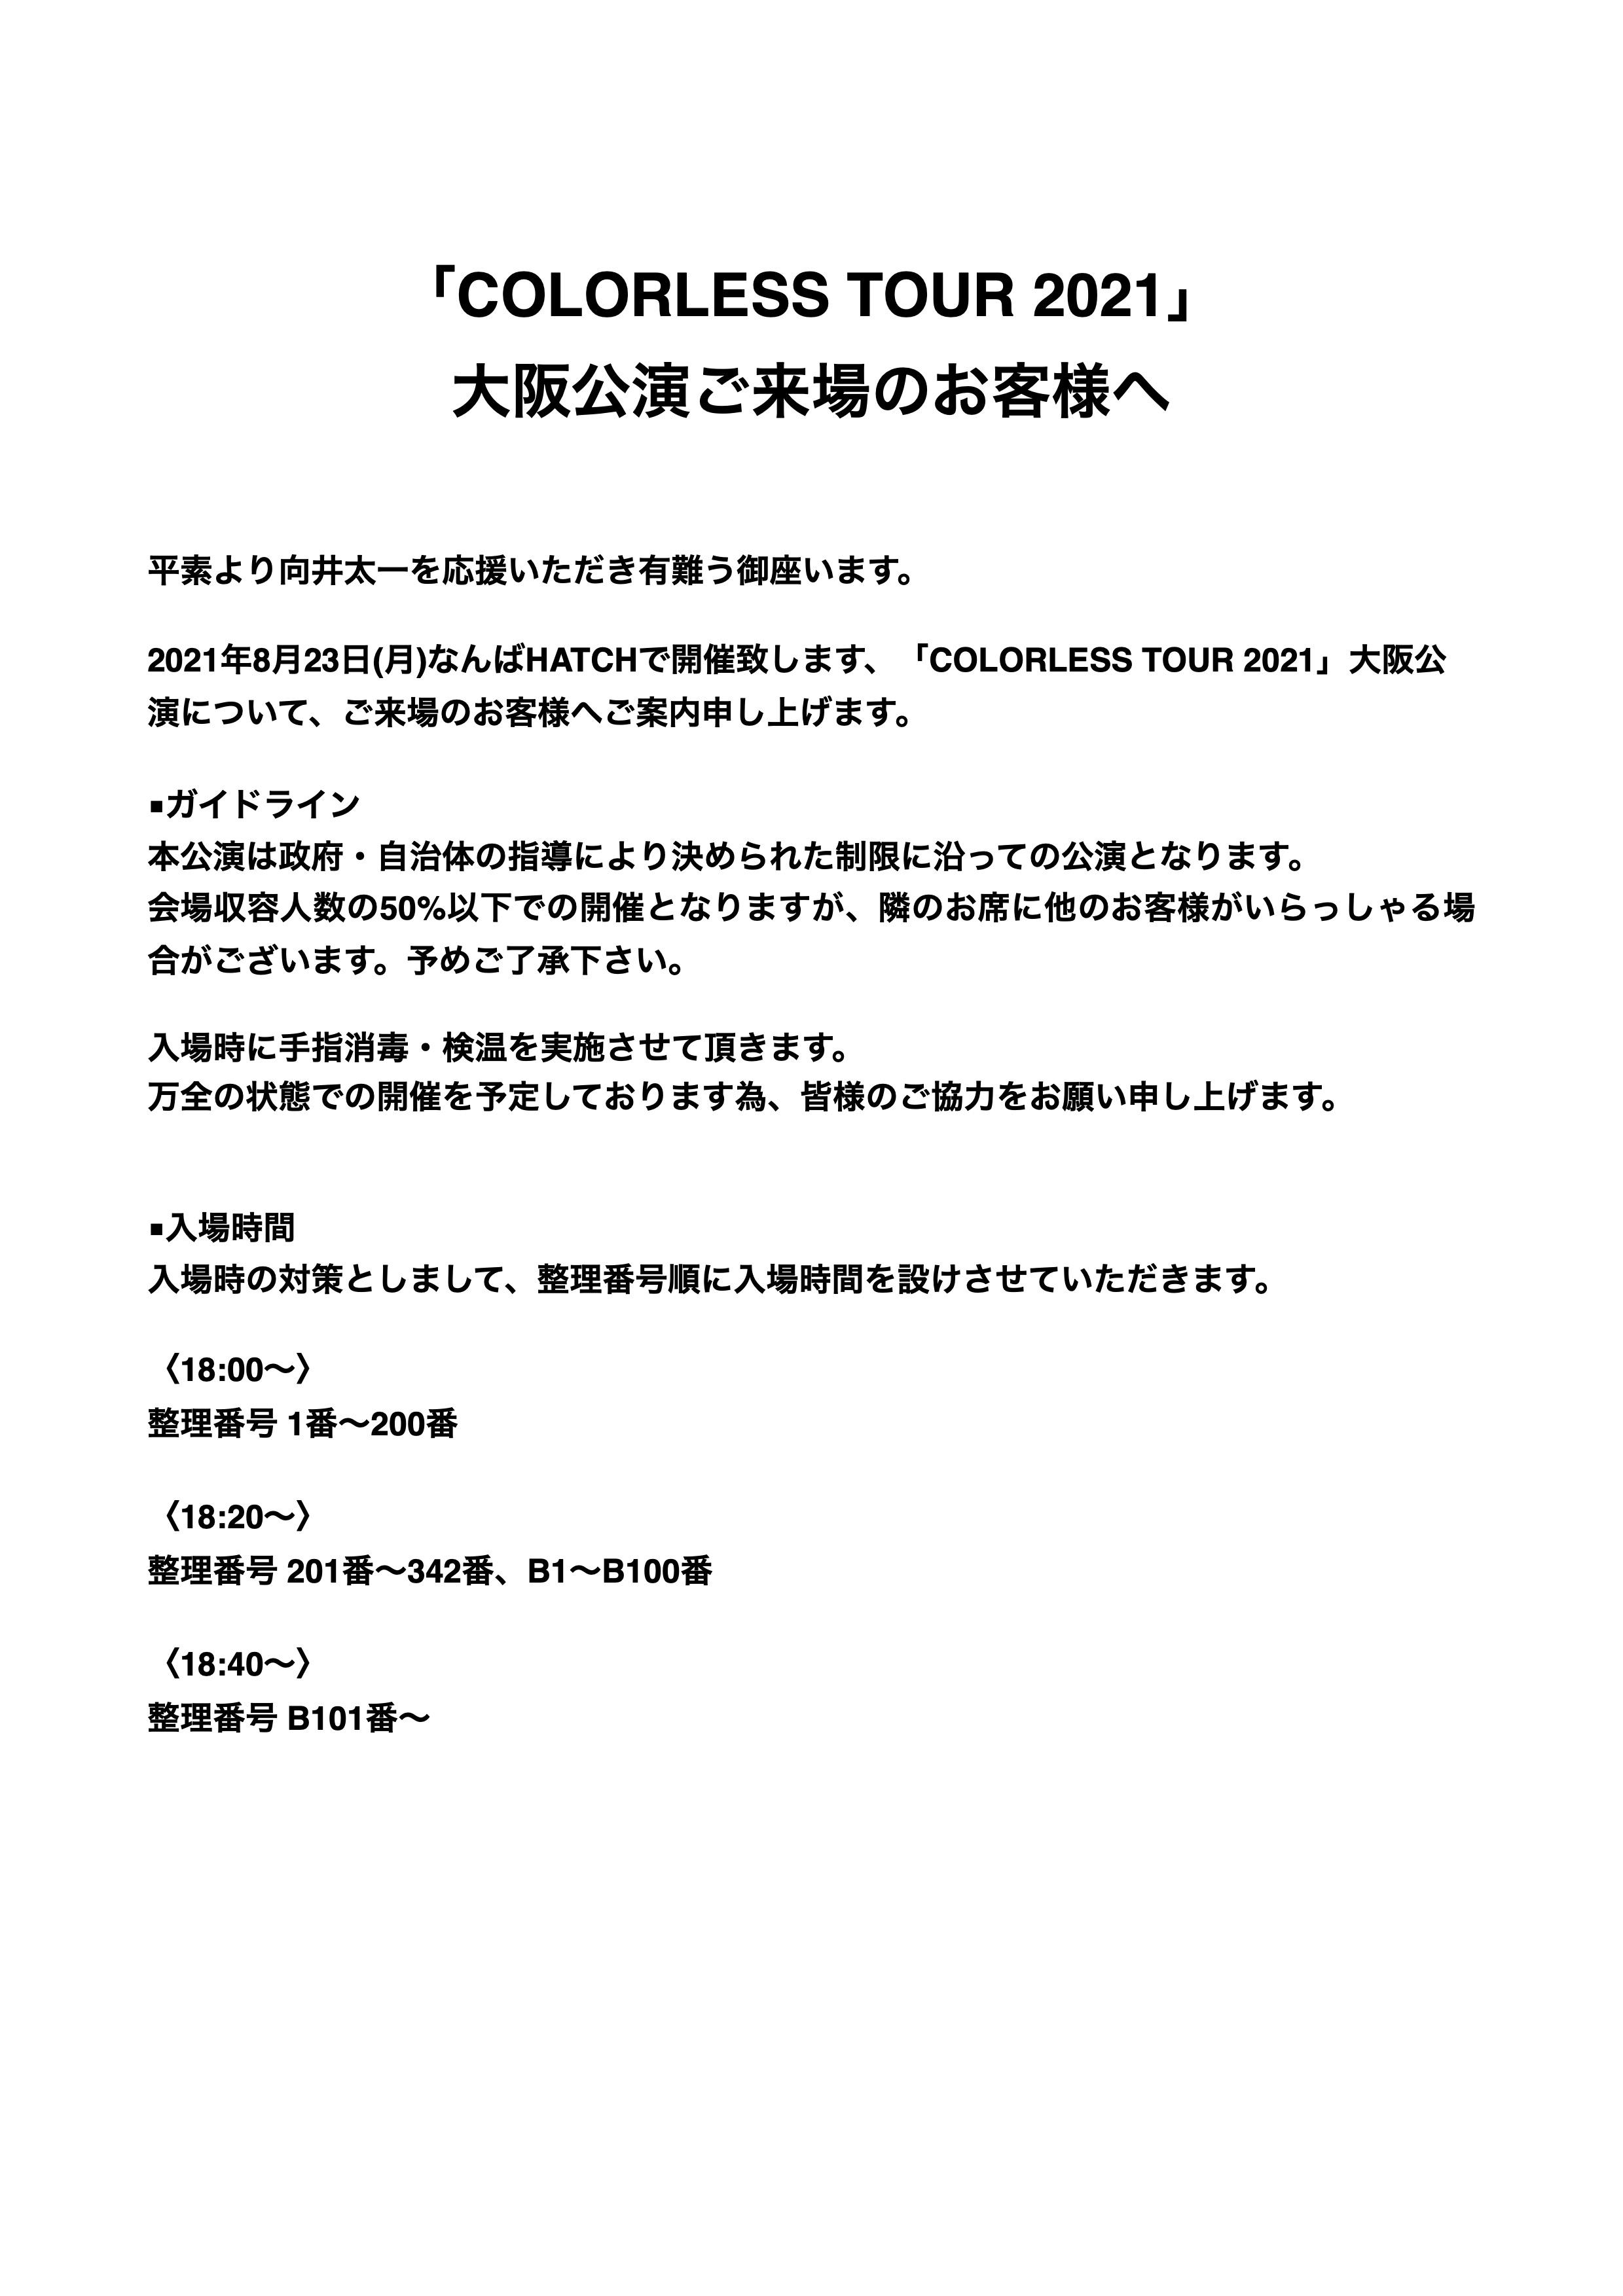 COLORLESS TOUR 2021大阪公演ご来場のお客様へ1